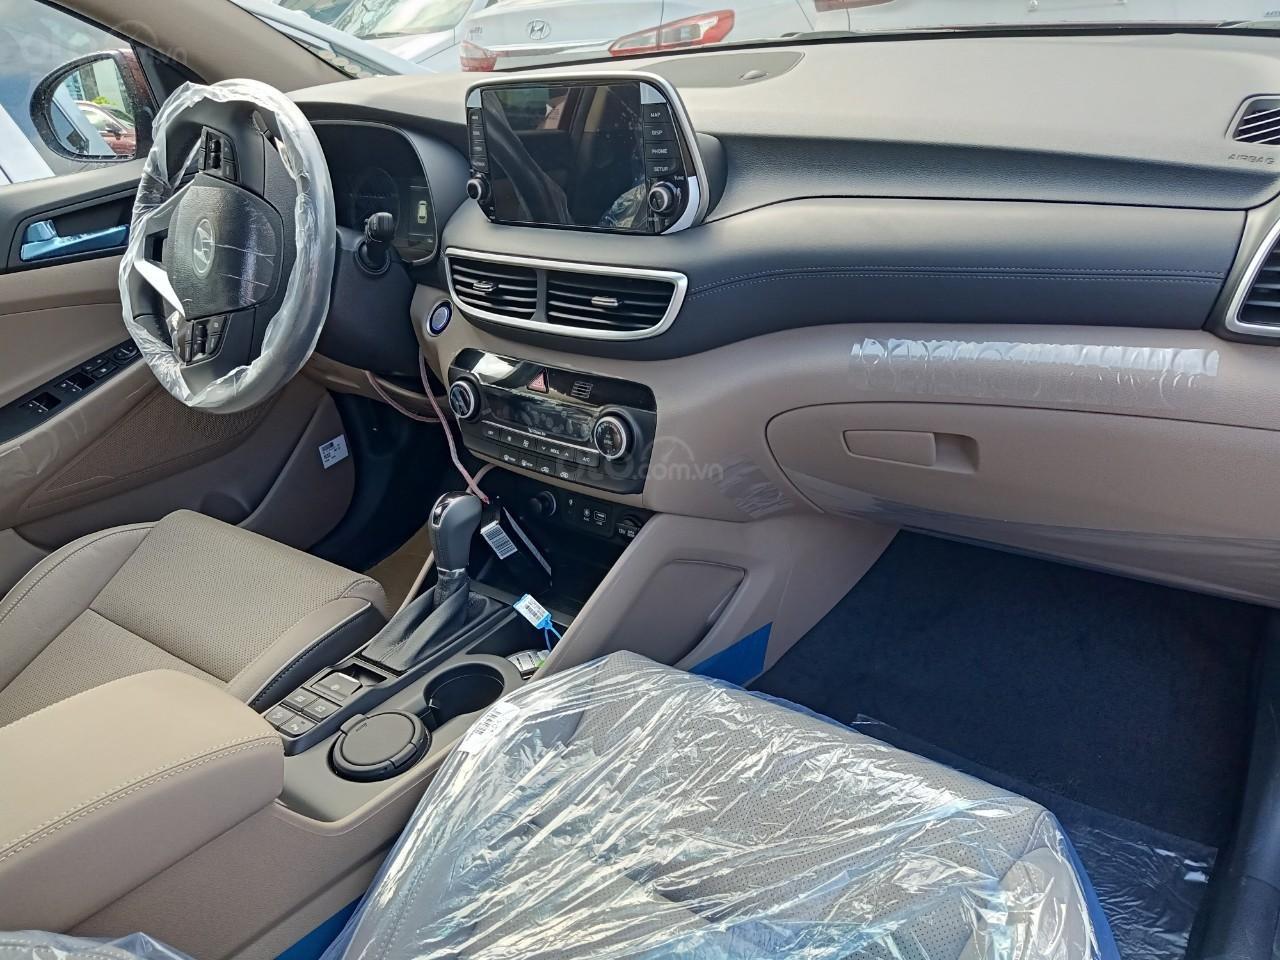 Tucson Turbo 2019 đỏ + Tặng combo Hyundai trị giá 40 triệu đồng + Hỗ trợ trả trước chỉ 10% giá trị xe-3